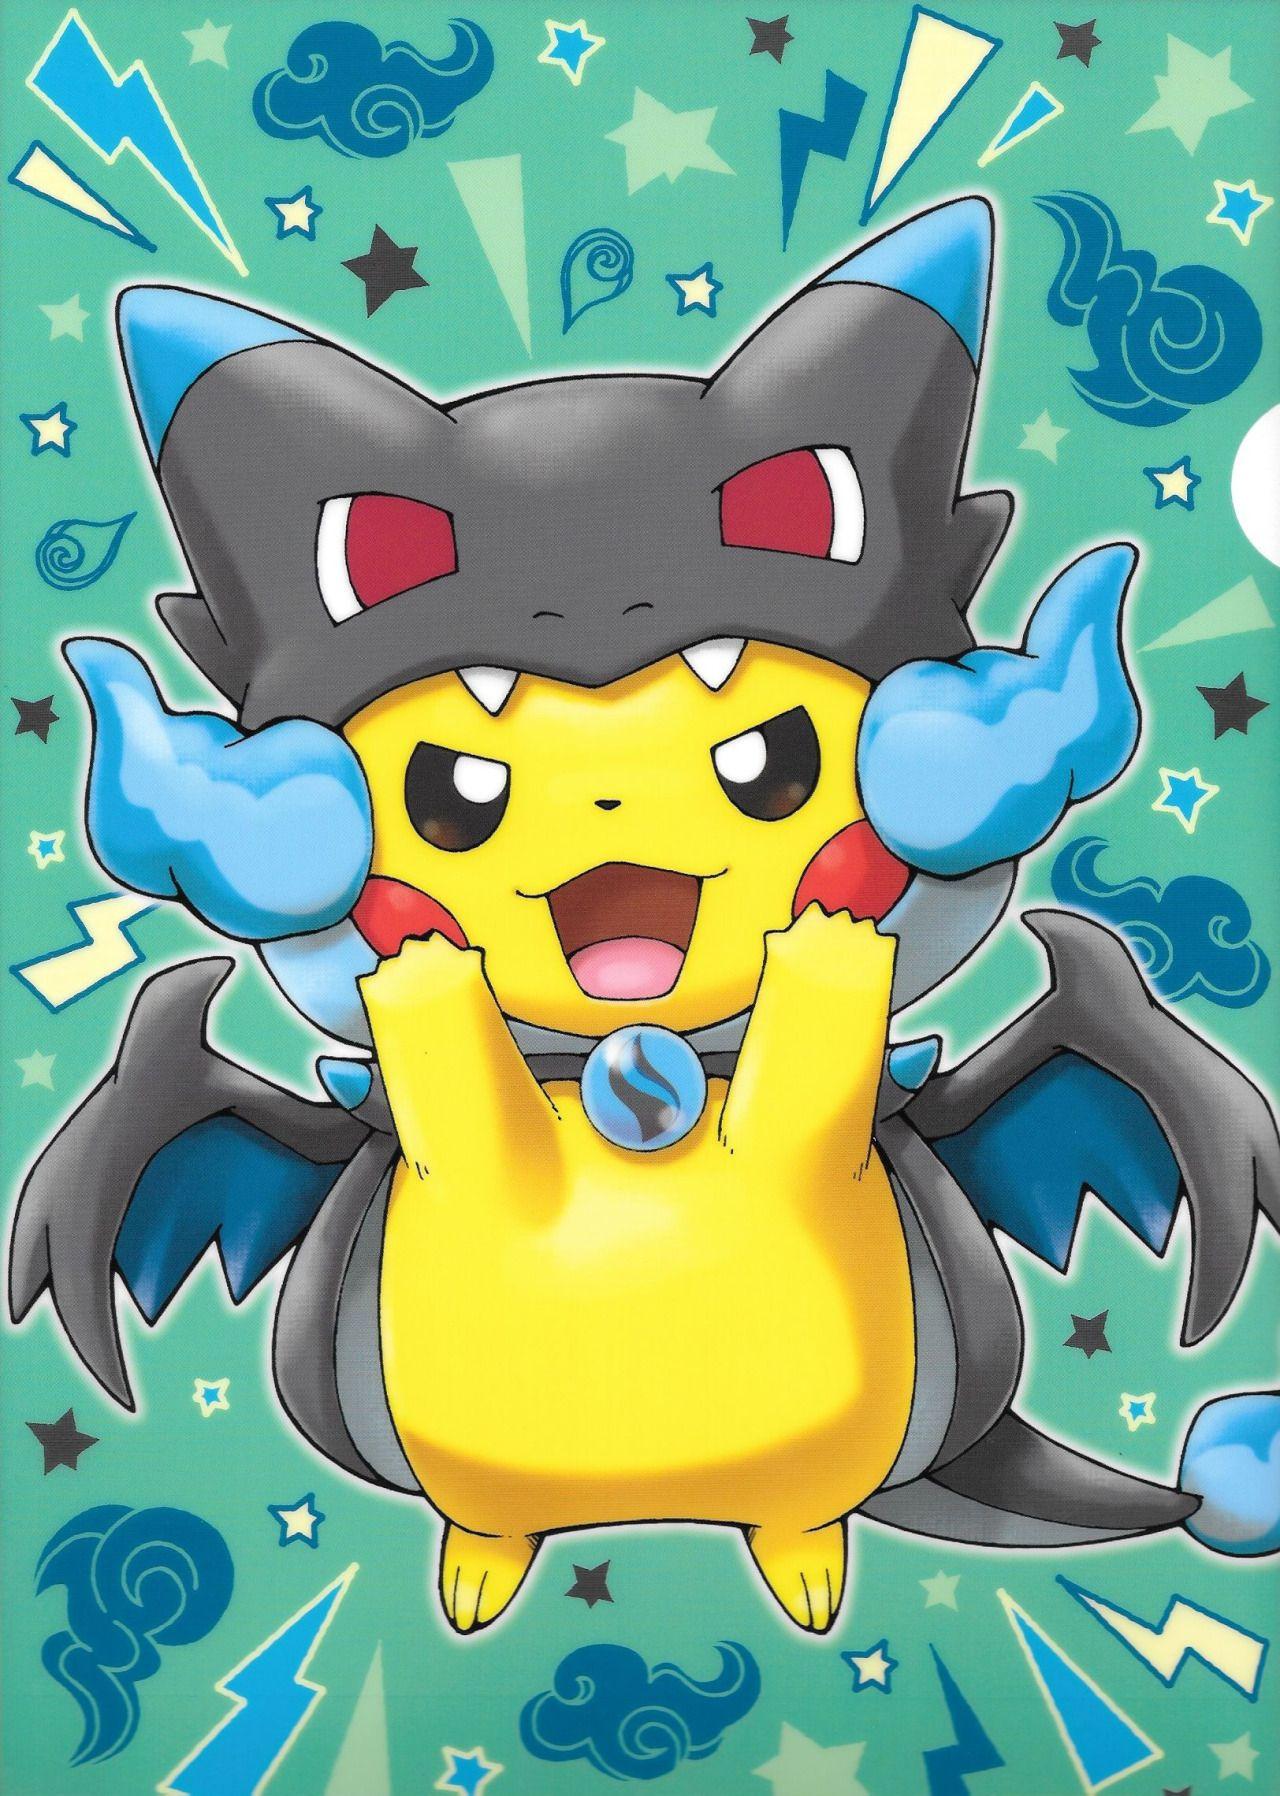 Pikachu mega charizard x pokemon pinterest pok mon - Pokemon dracaufeu x ...